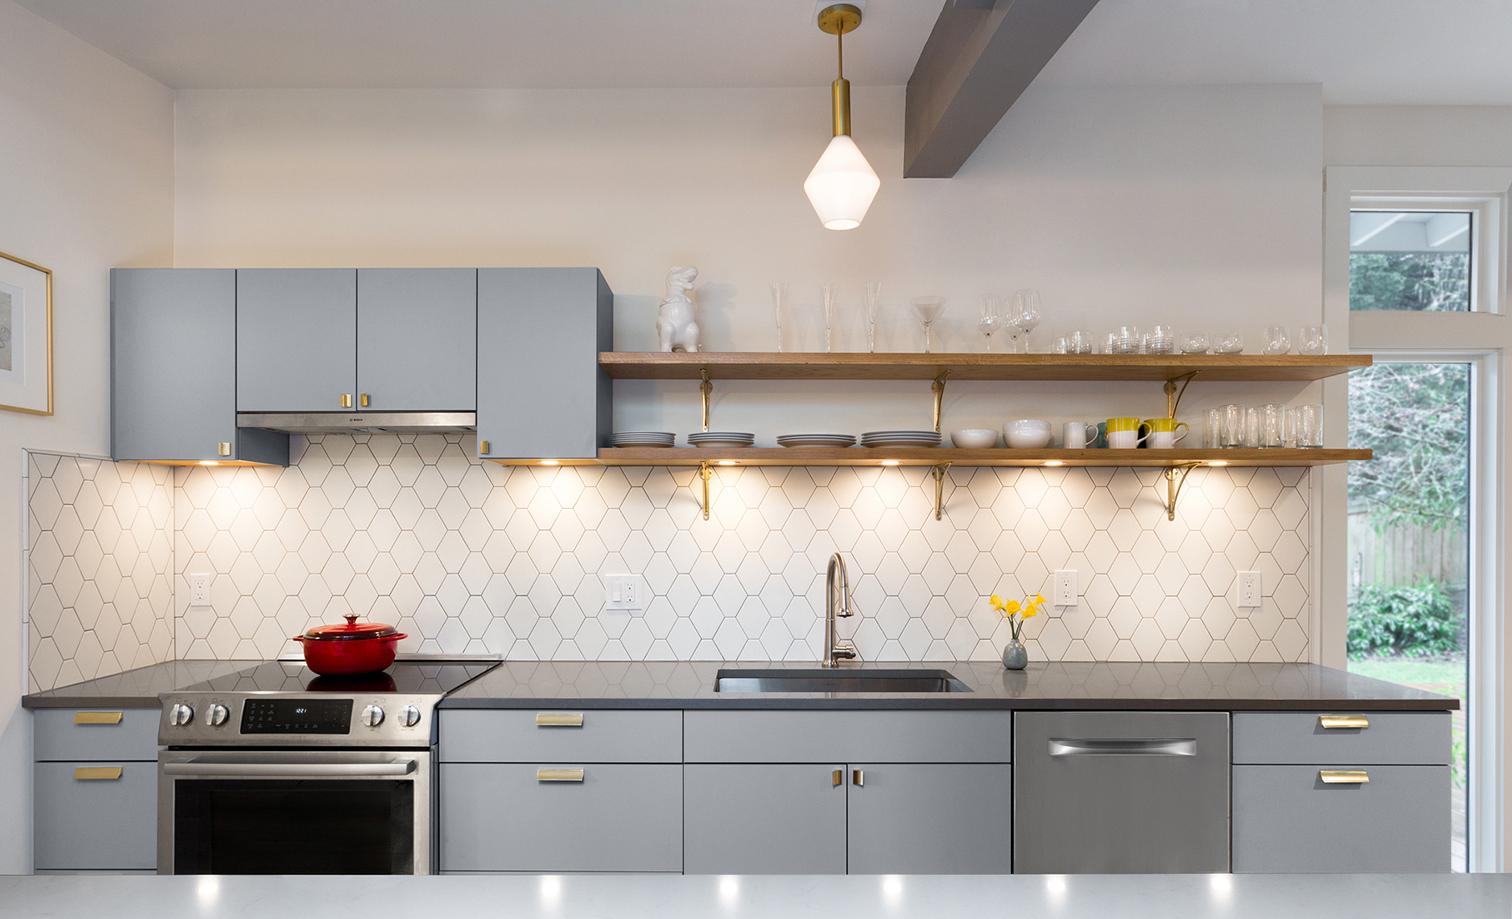 1950's kitchen architecture